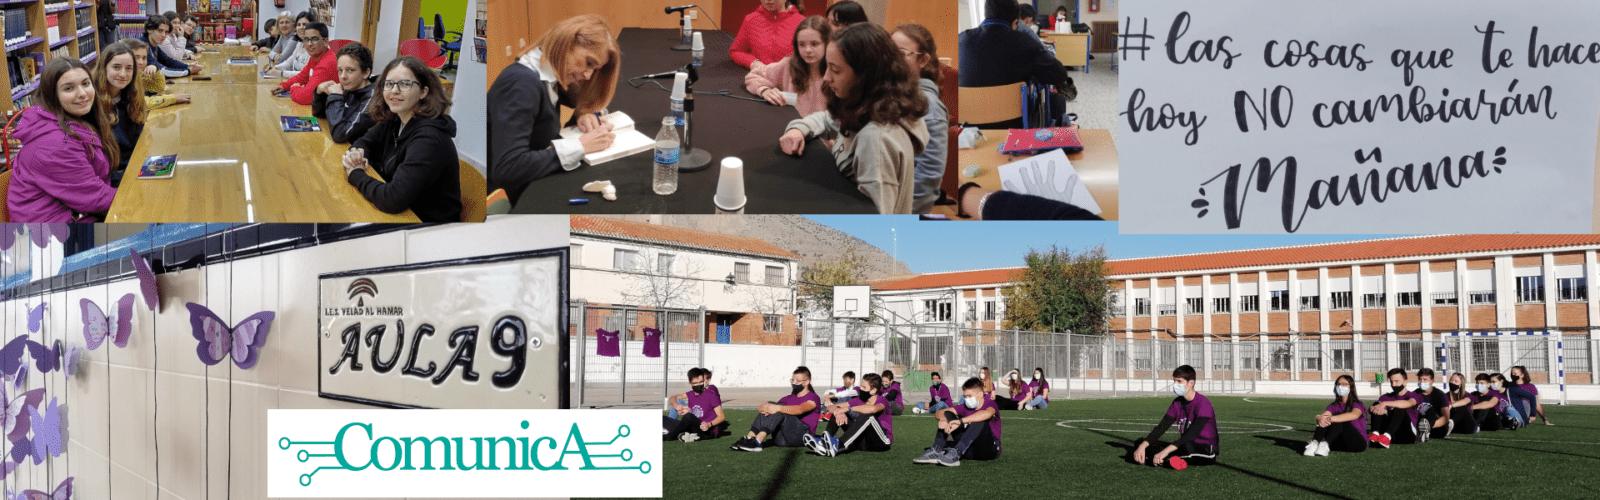 Banner-Blog-de-Igualdad-IES-Velad-Al-Hamar